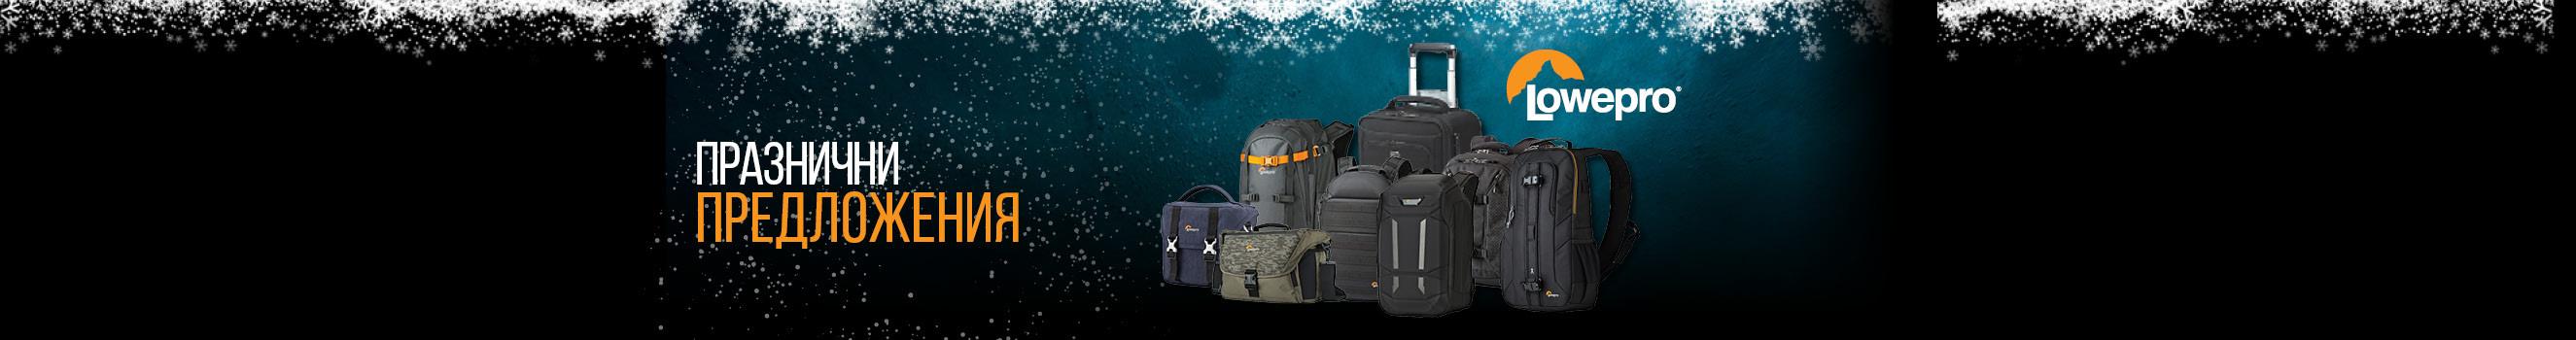 Фотографски раници Lowepro, чанти и куфари на колела на супер цени в магазини ФотоСинтезис